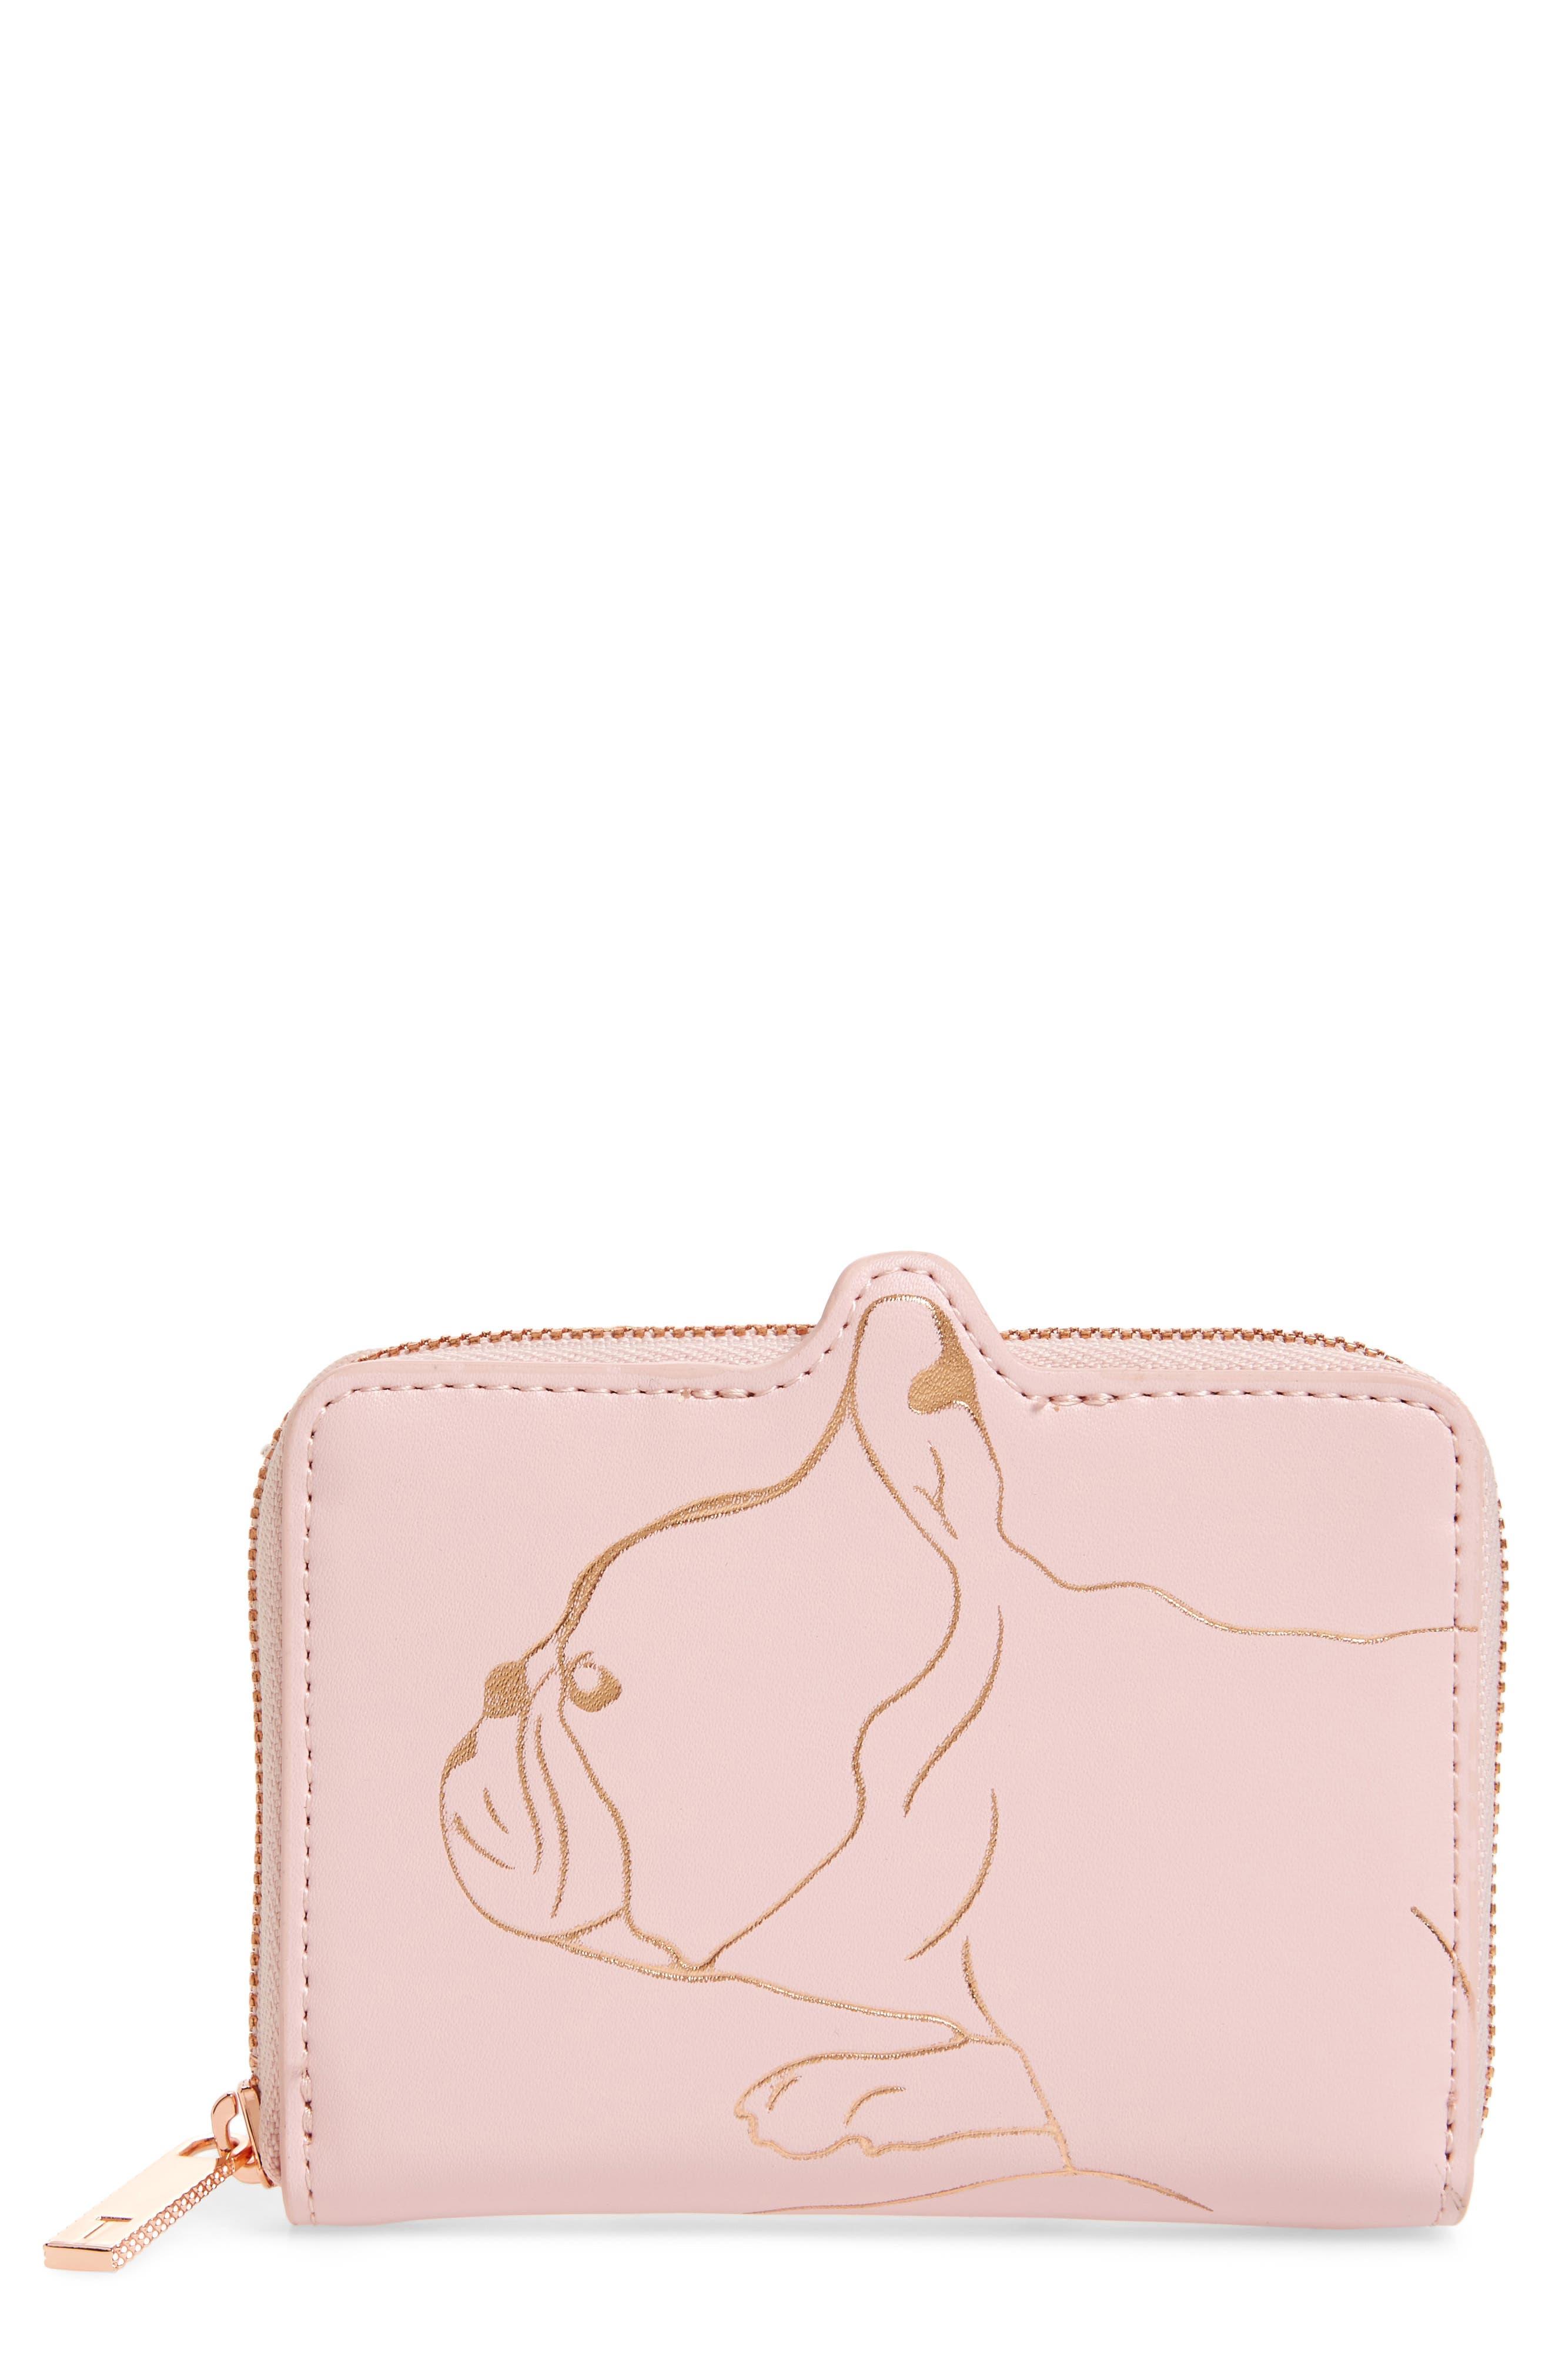 Main Image - Ted Baker London Danyela Leather Zip Purse